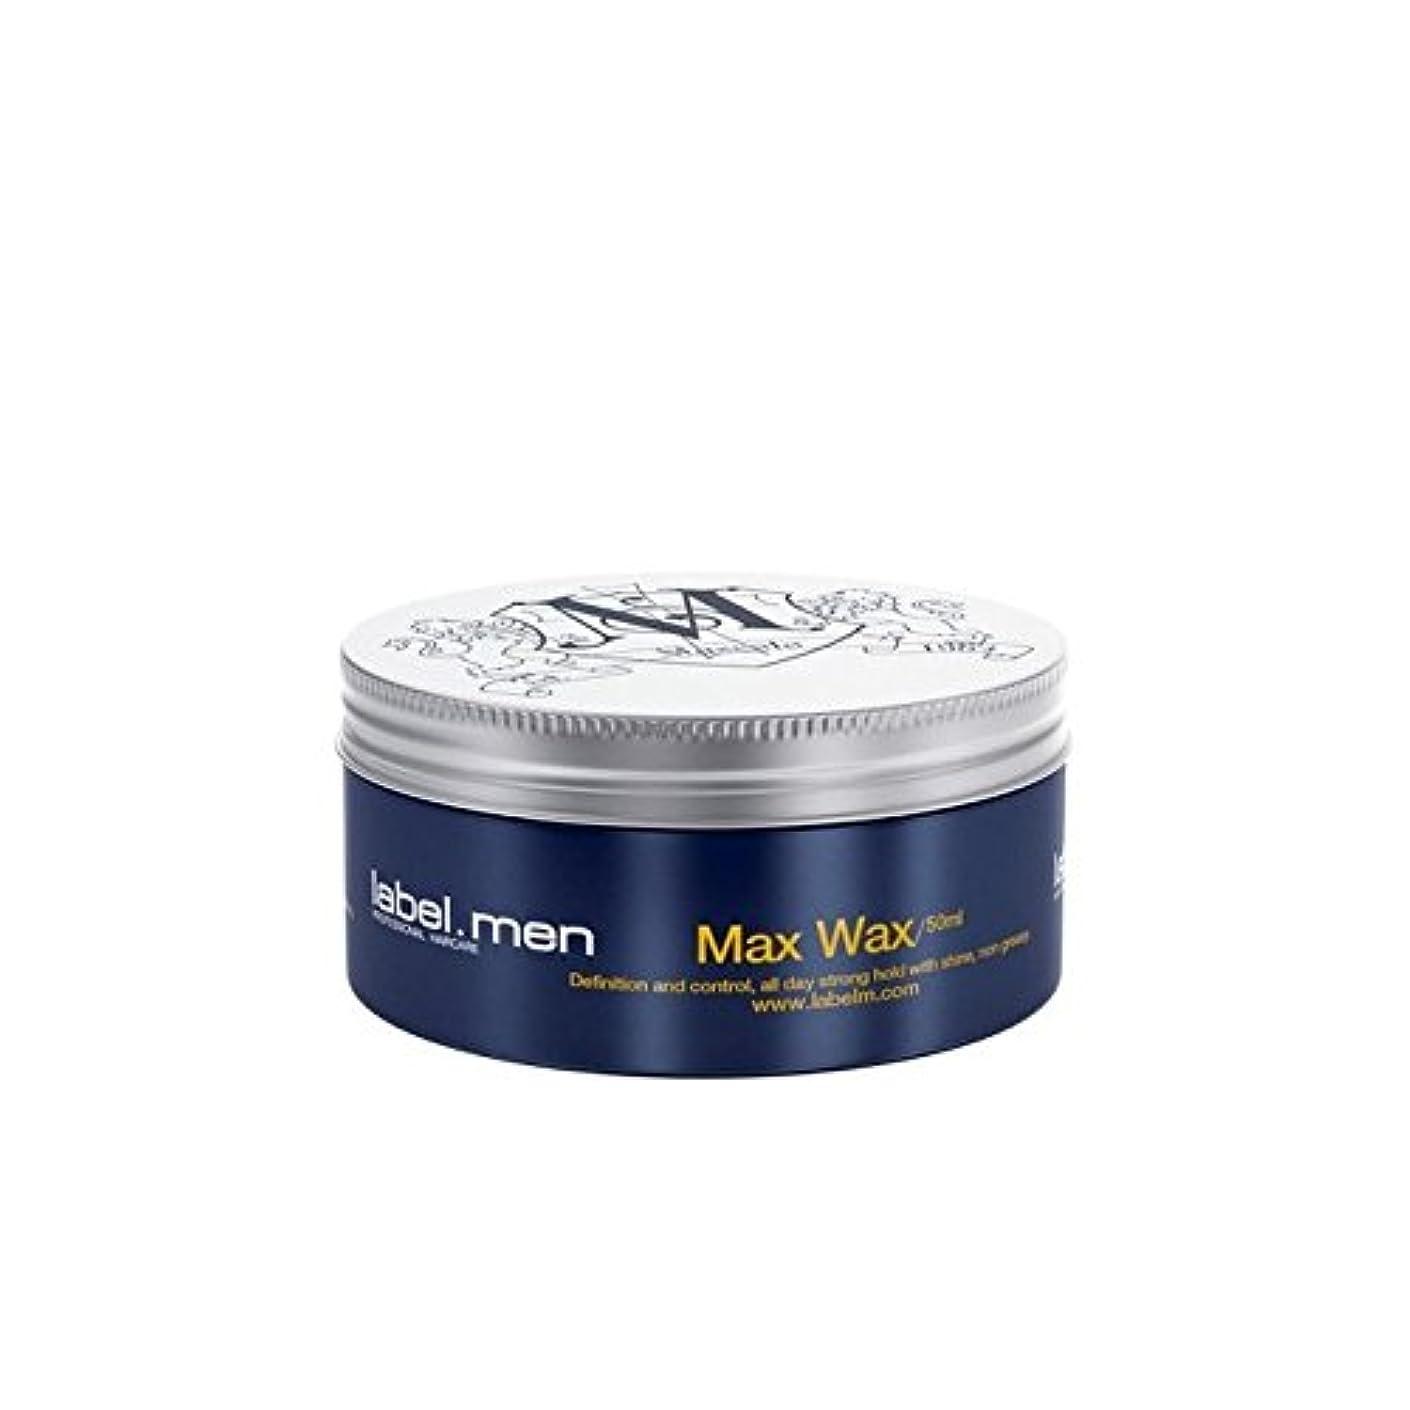 リンス申し立てられたなくなる.マックスワックス(50ミリリットル) x4 - Label.Men Max Wax (50ml) (Pack of 4) [並行輸入品]